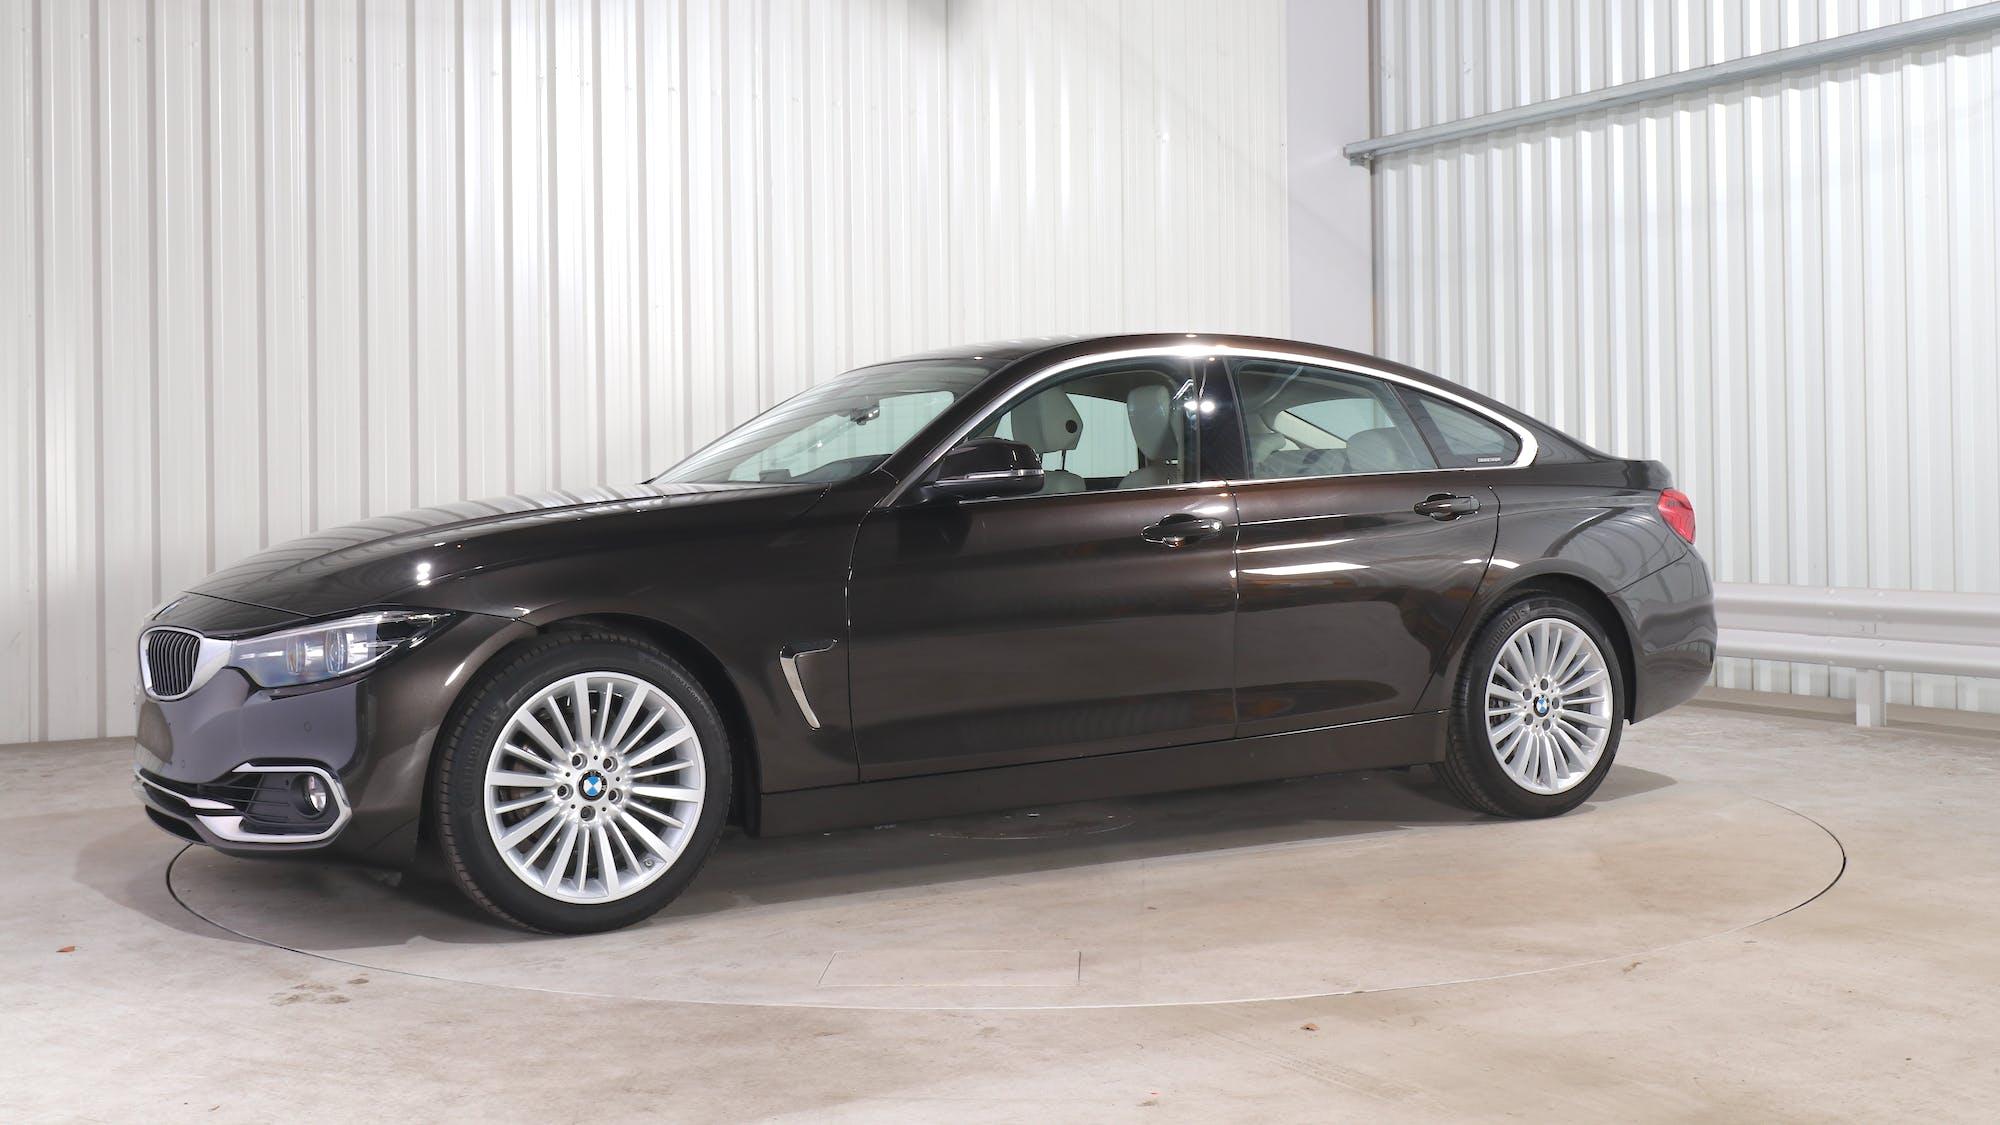 BMW 4 GRAN COUPÉ leasing exterior 1